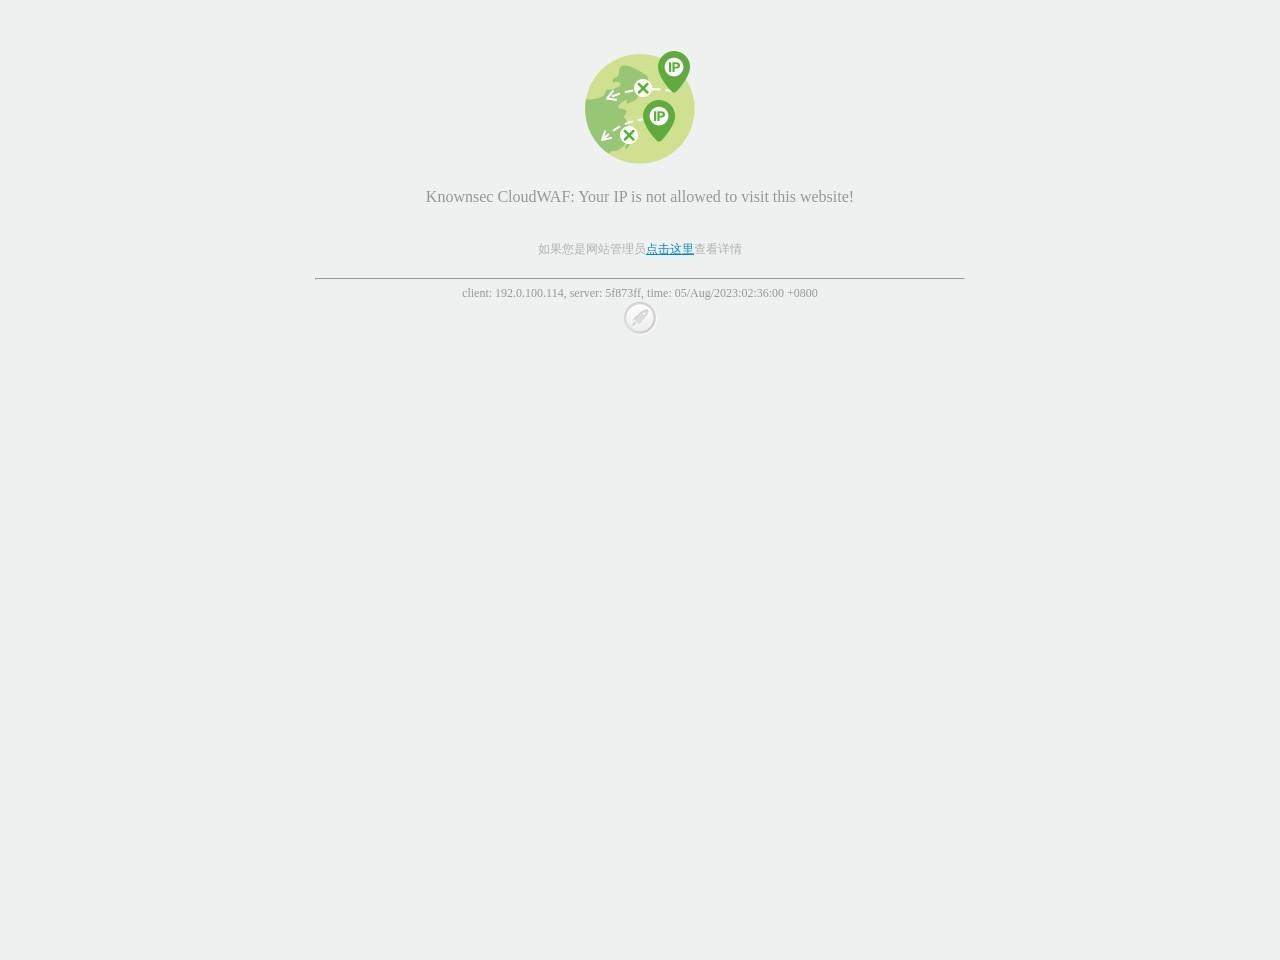 云南网的网站截图